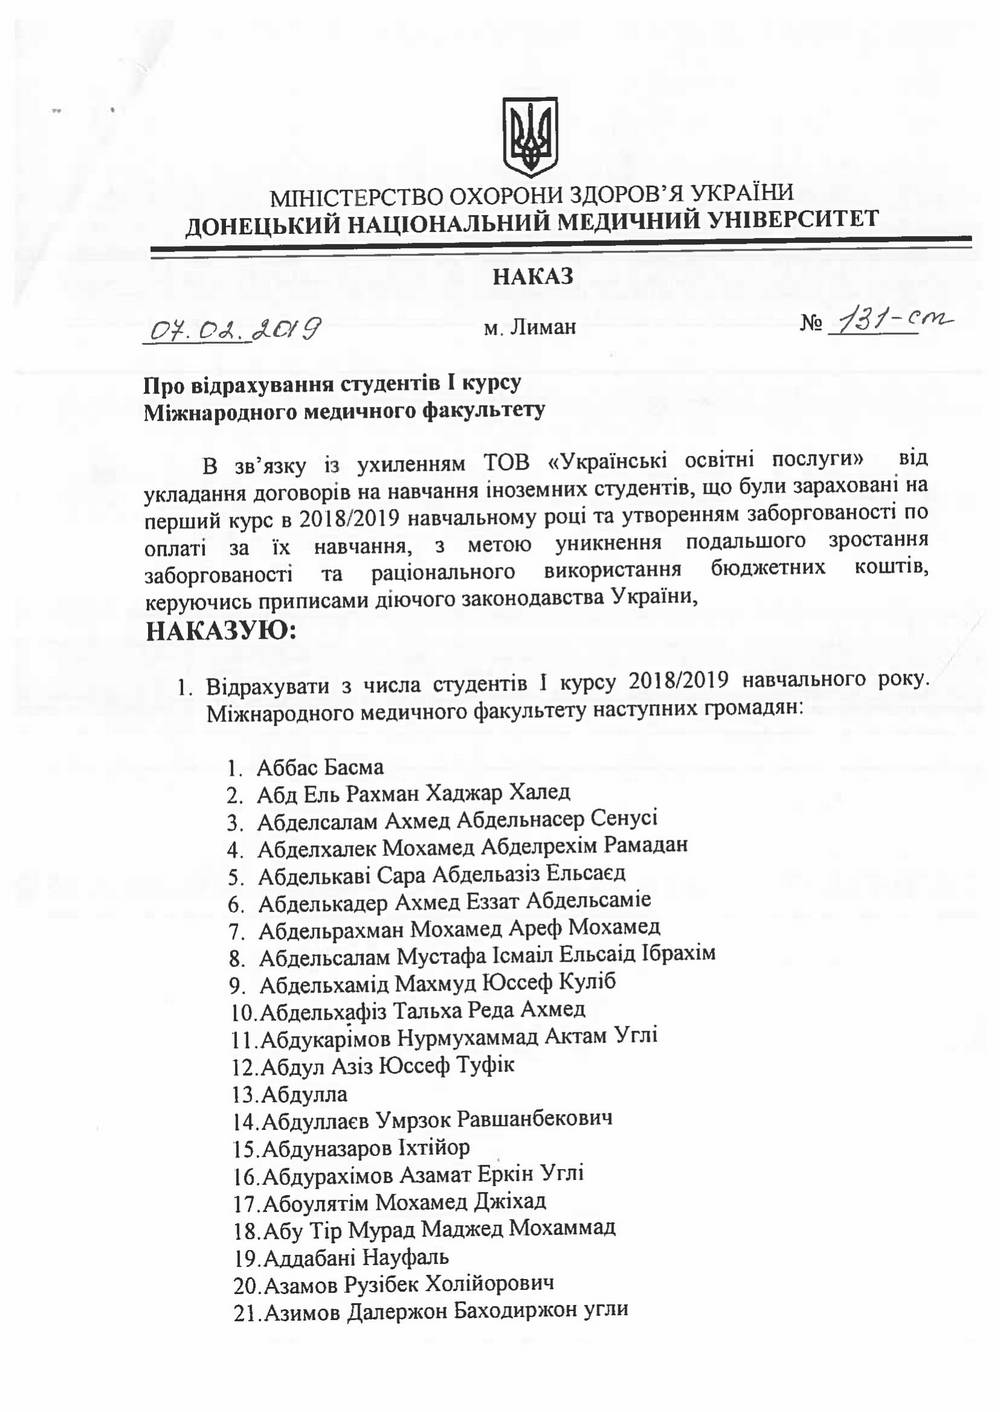 Без Купюр Кропивницький www.kypur.net - Події - Студенти, яких відрахували з Донецького медвишу в Кропивницькому, мають виїхати з країни Фотографія 1